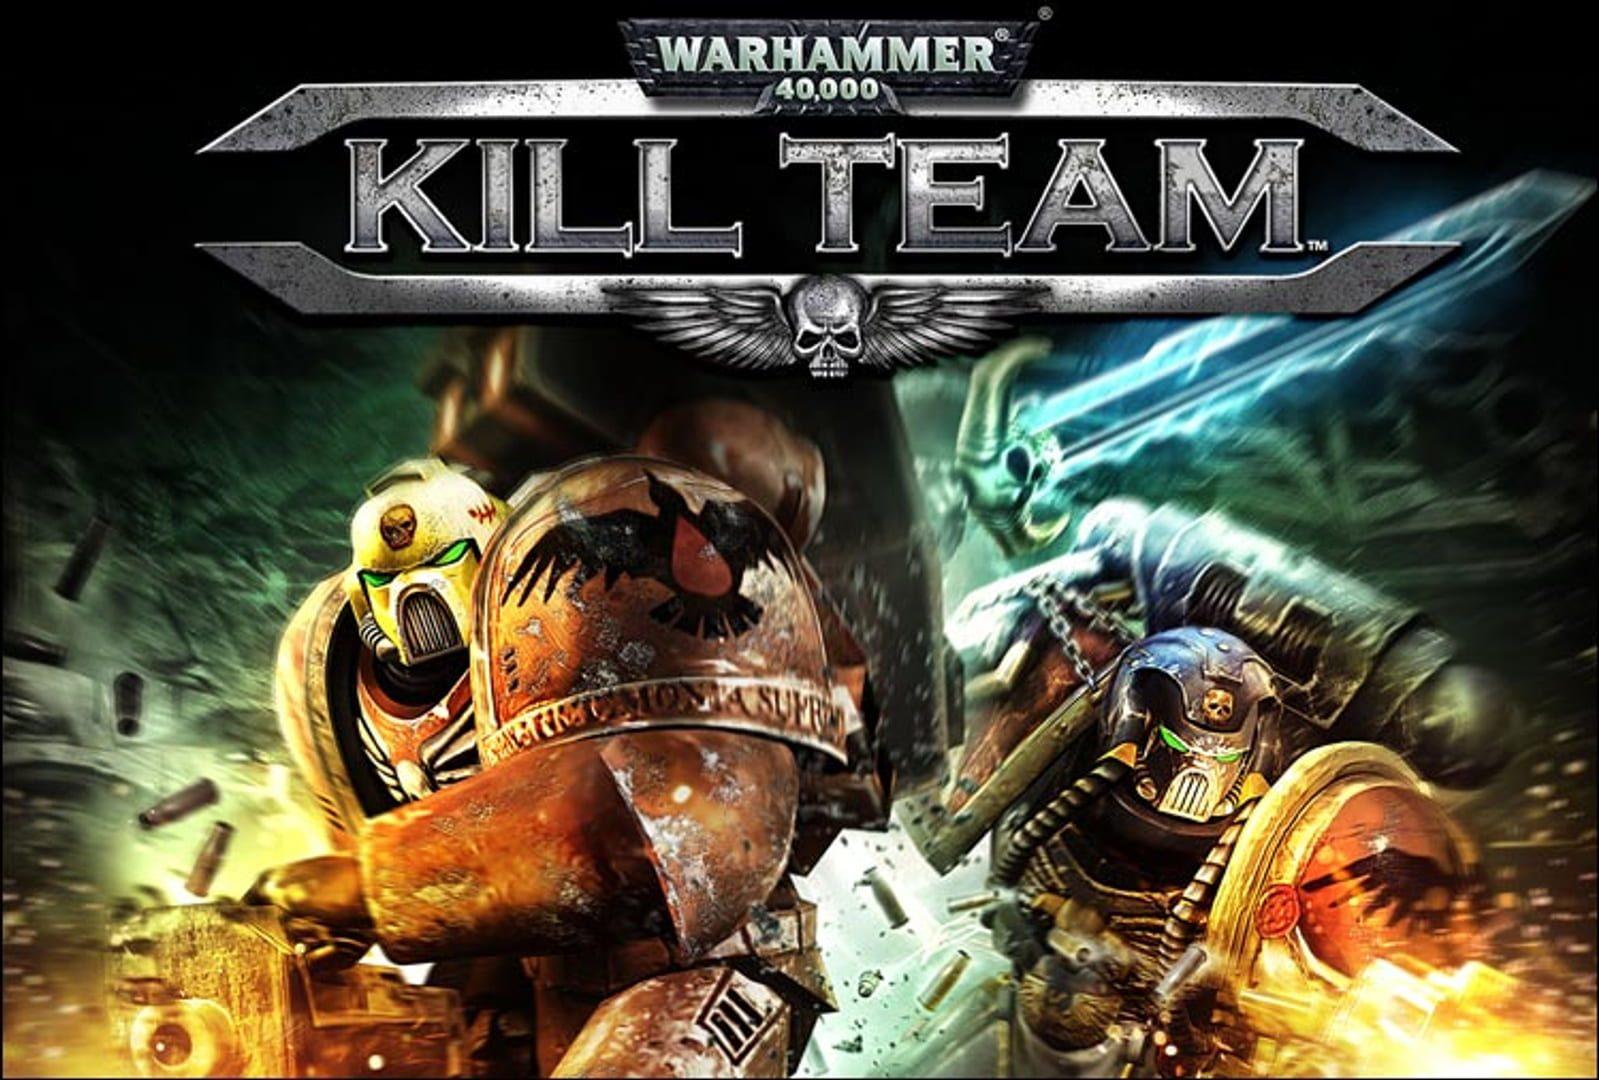 buy Warhammer 40,000: Kill Team cd key for pc platform